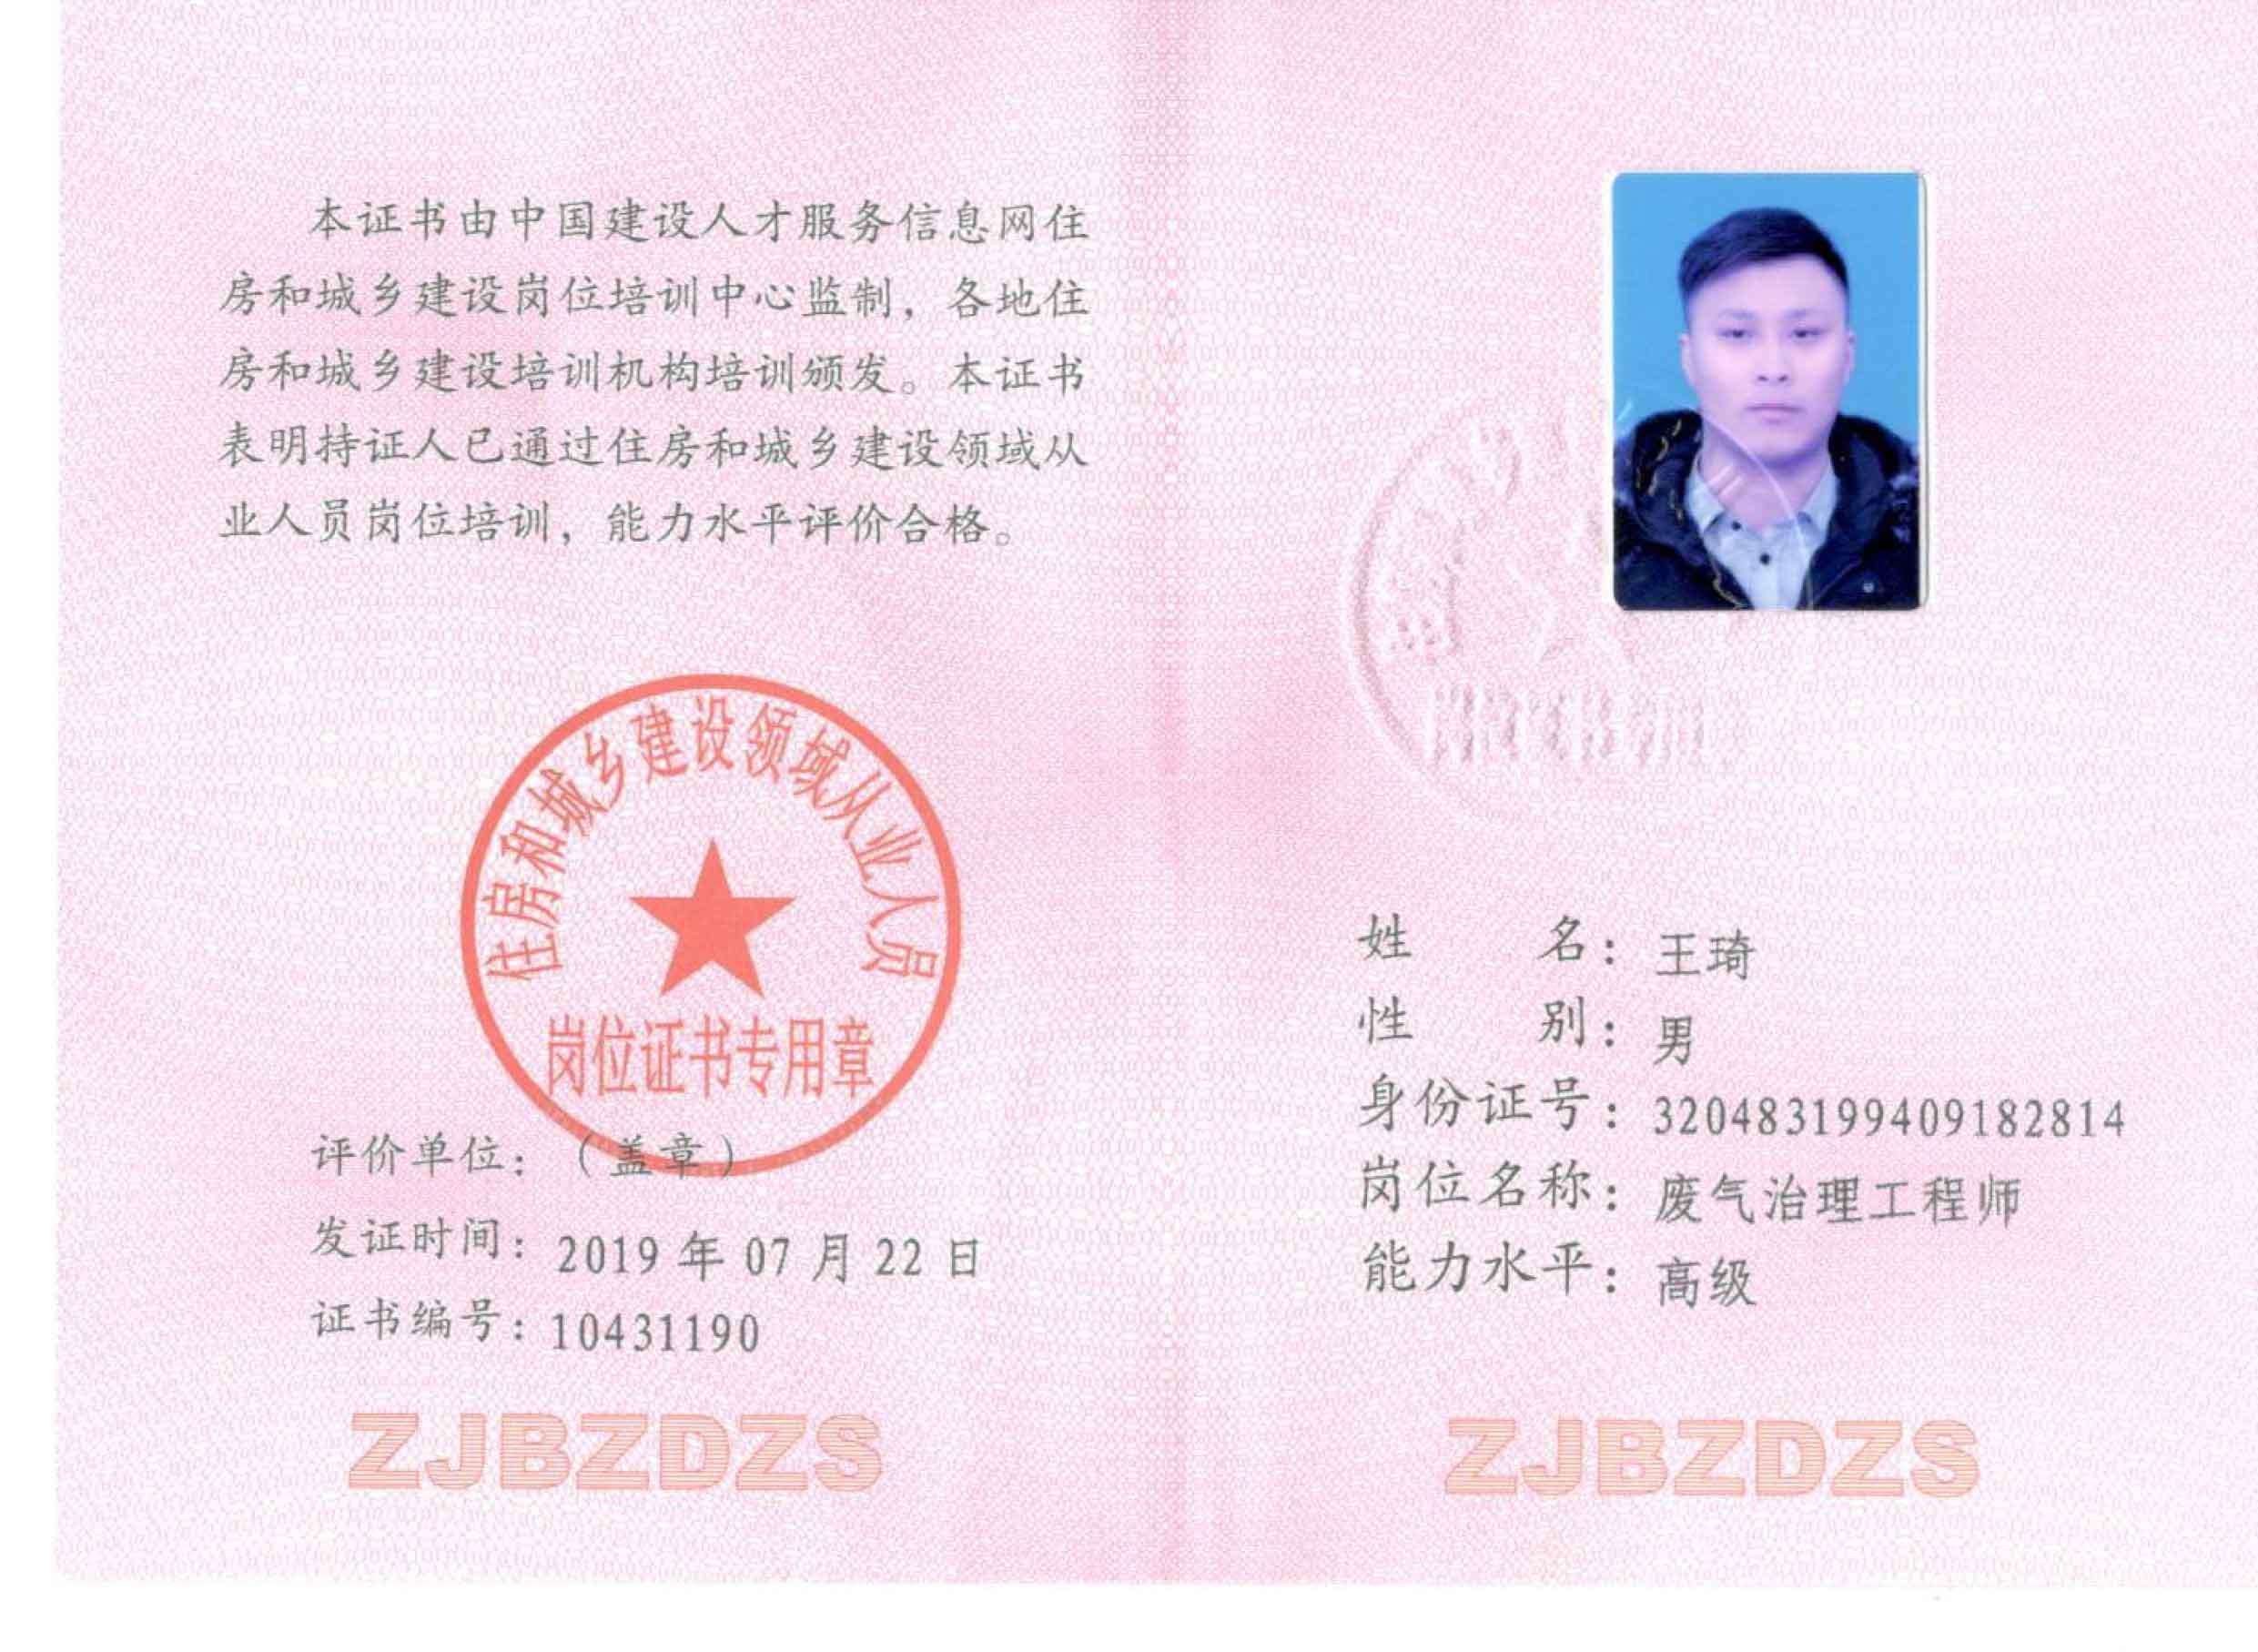 世伟德乐虎电子老虎机平台资质-11